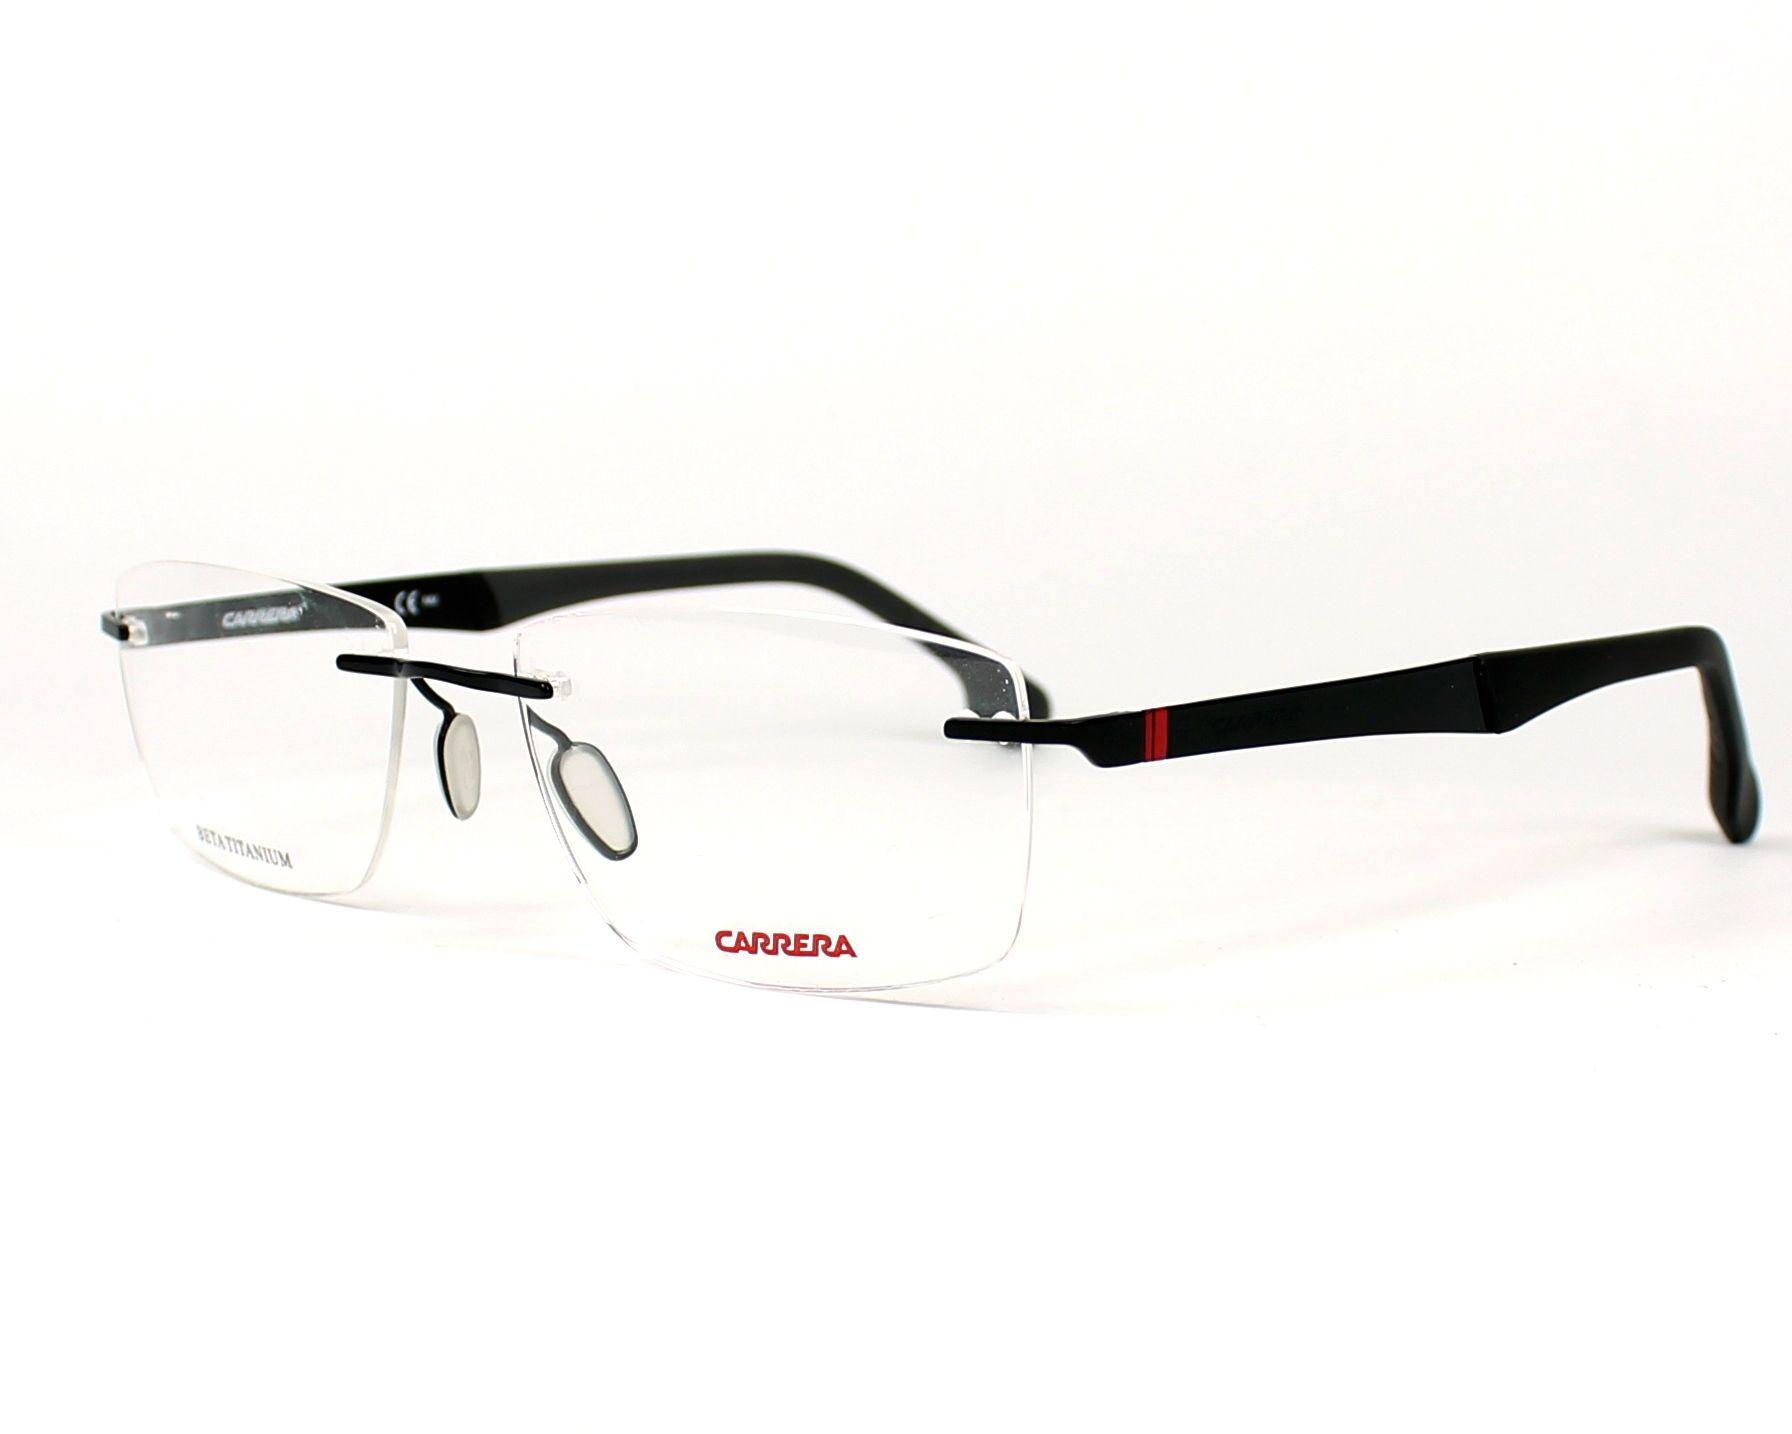 Carrera Eyeglasses Black Ca 8823 V 807 Visionet Us